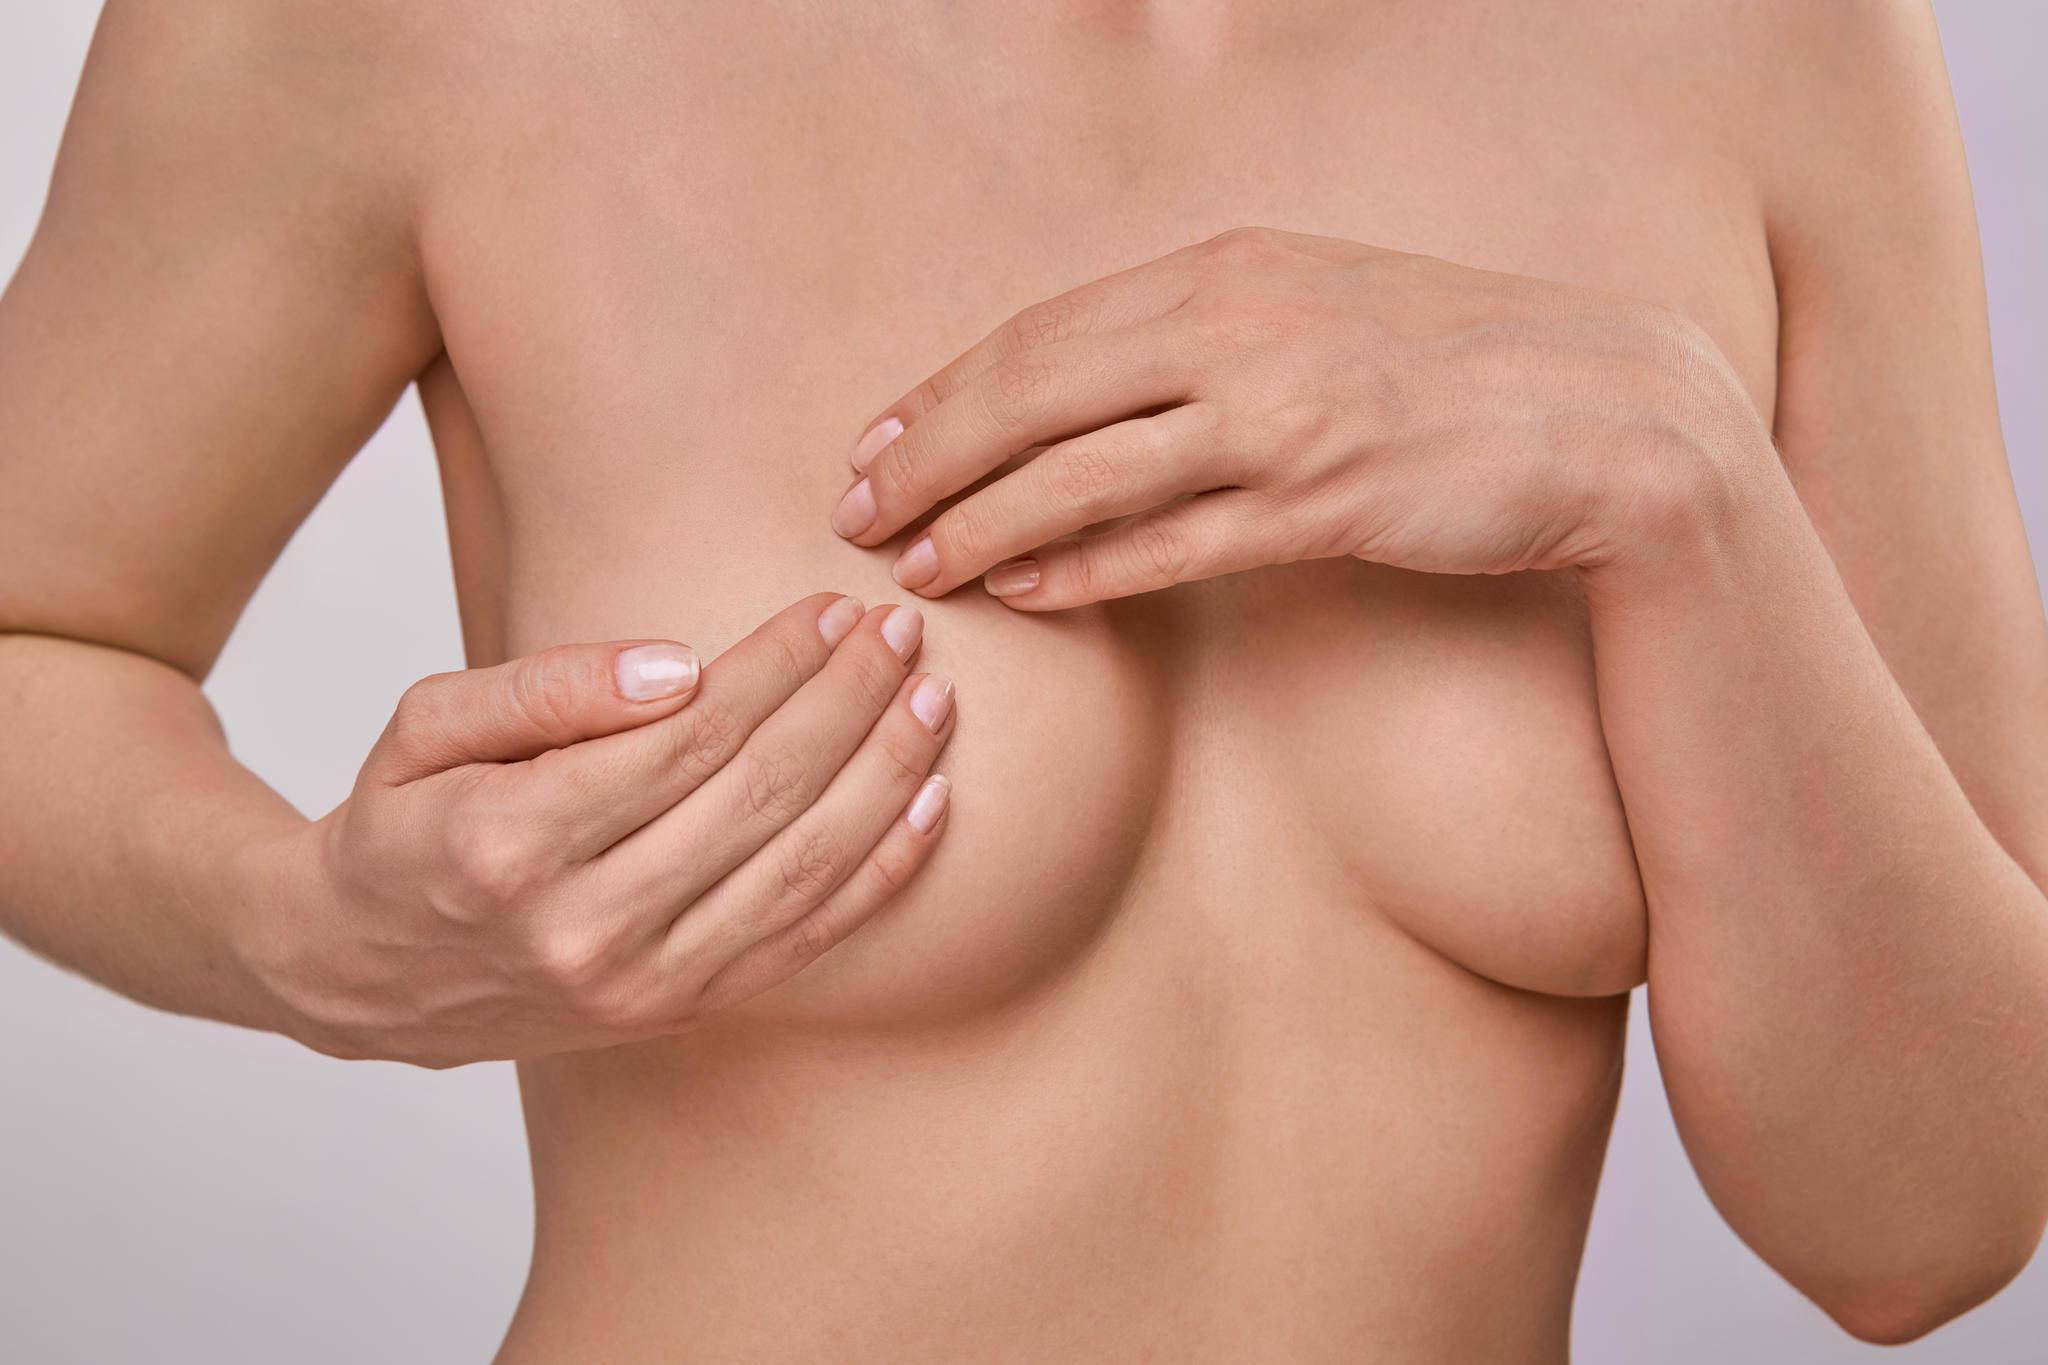 Jede Frau sollte ihre Brüste regelmäßig auf Veränderungen untersuchen.